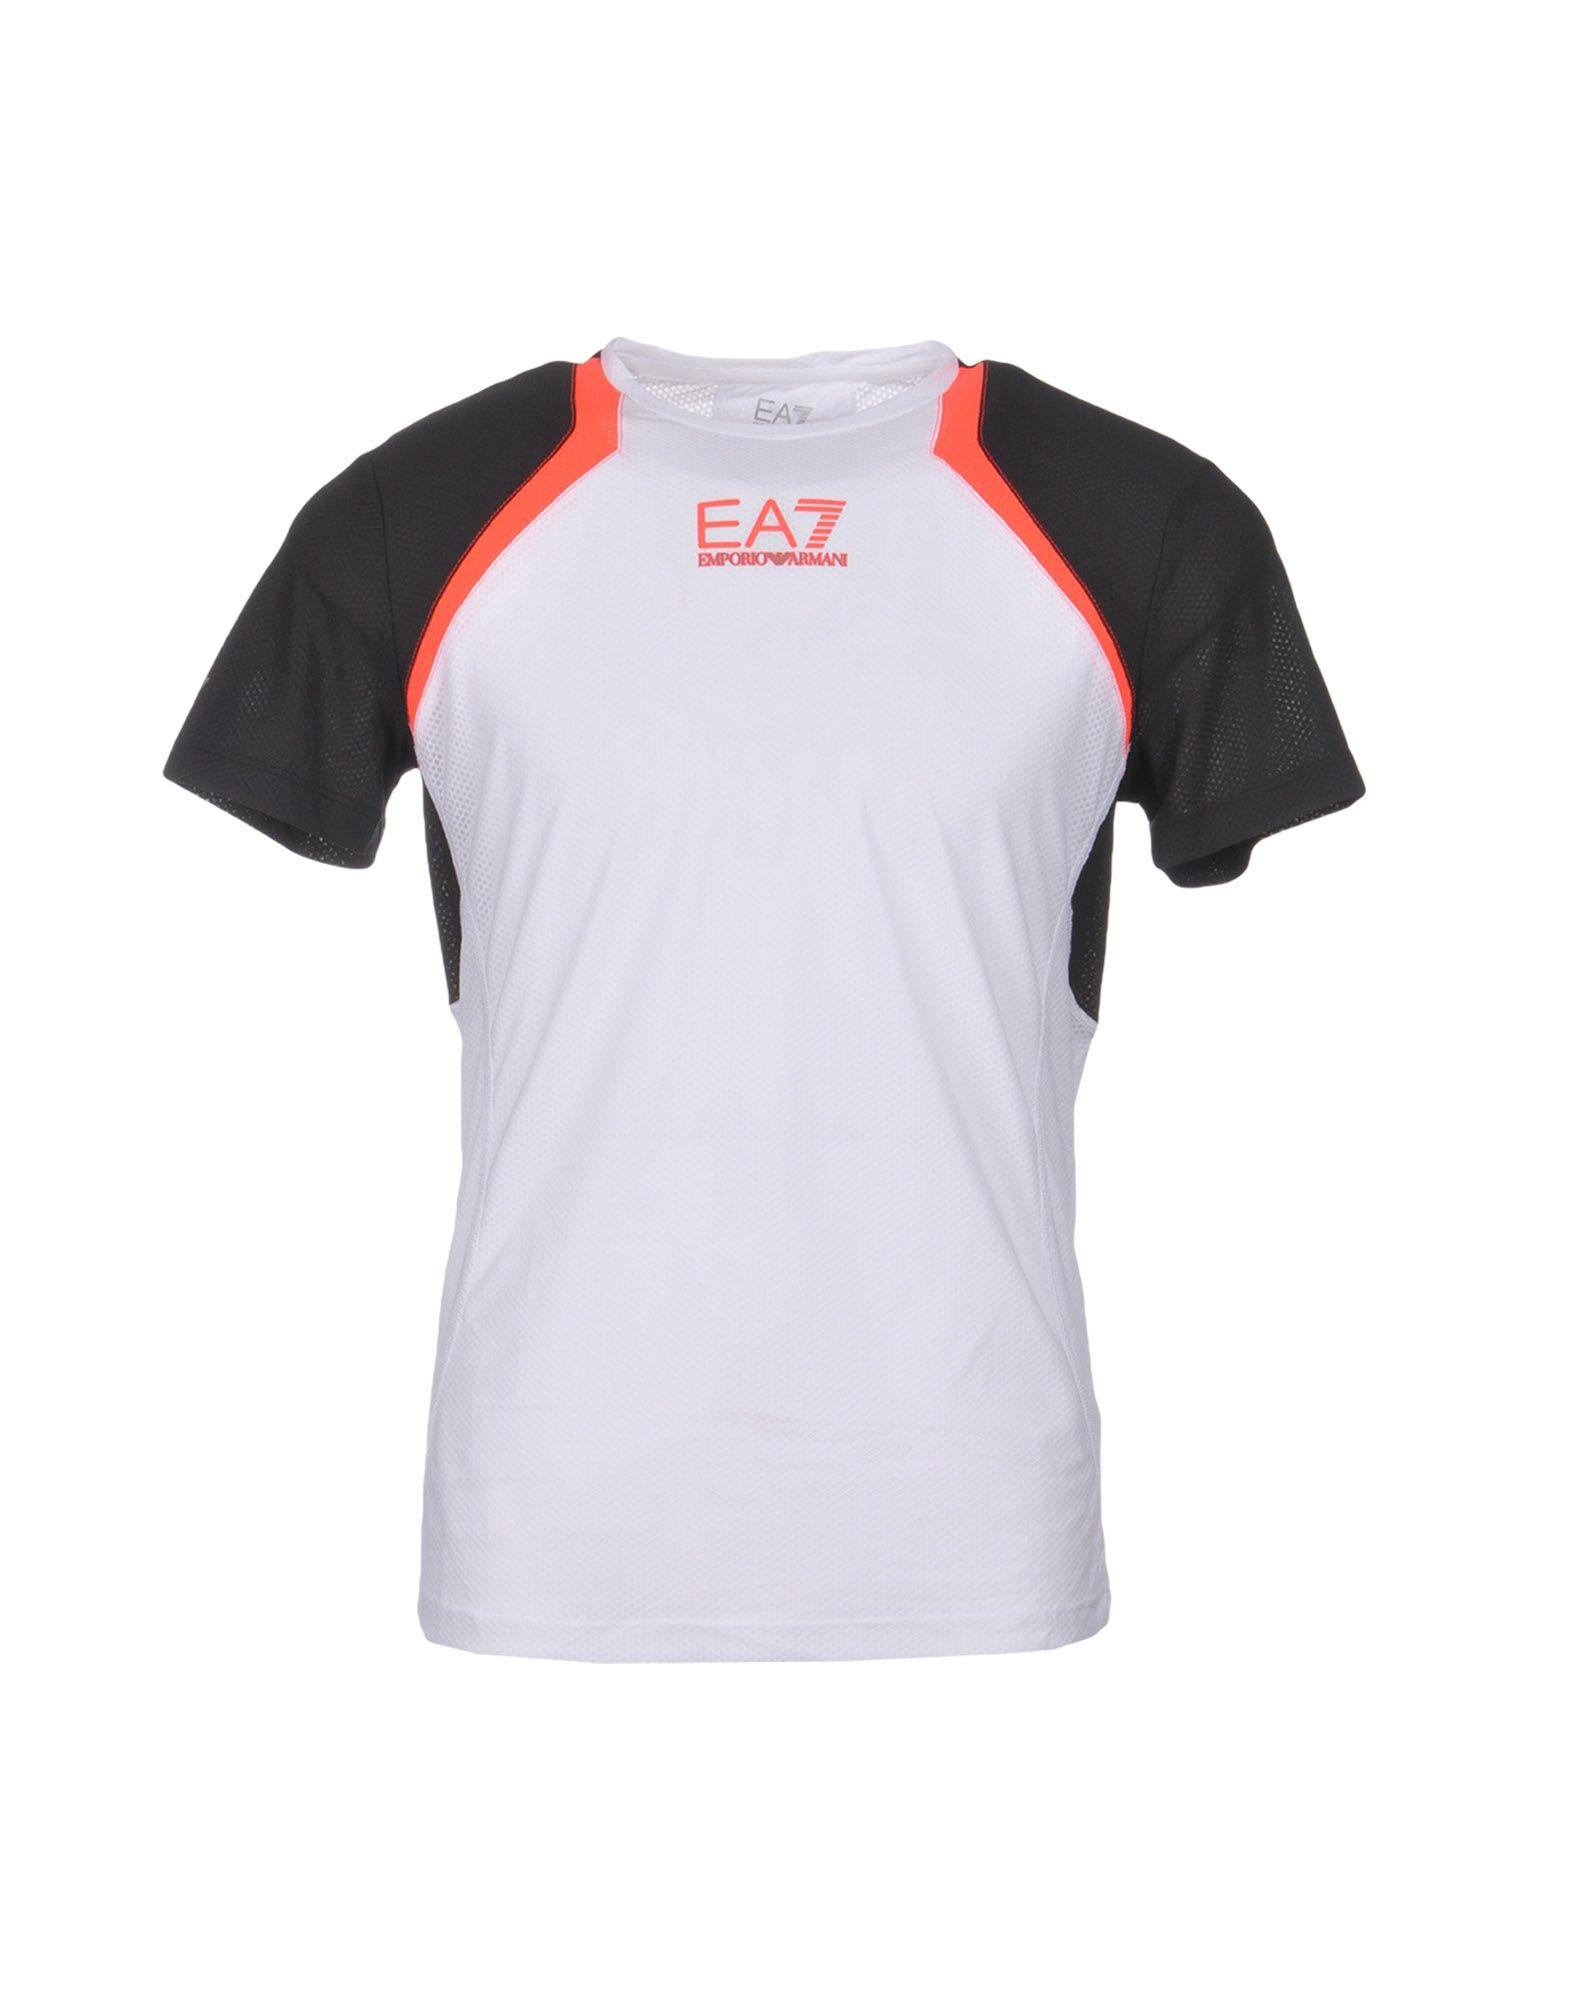 《送料無料》EA7 メンズ T シャツ ホワイト S ポリエステル 100% VENTUS 7 TOP PERFORMANCE TEE SS